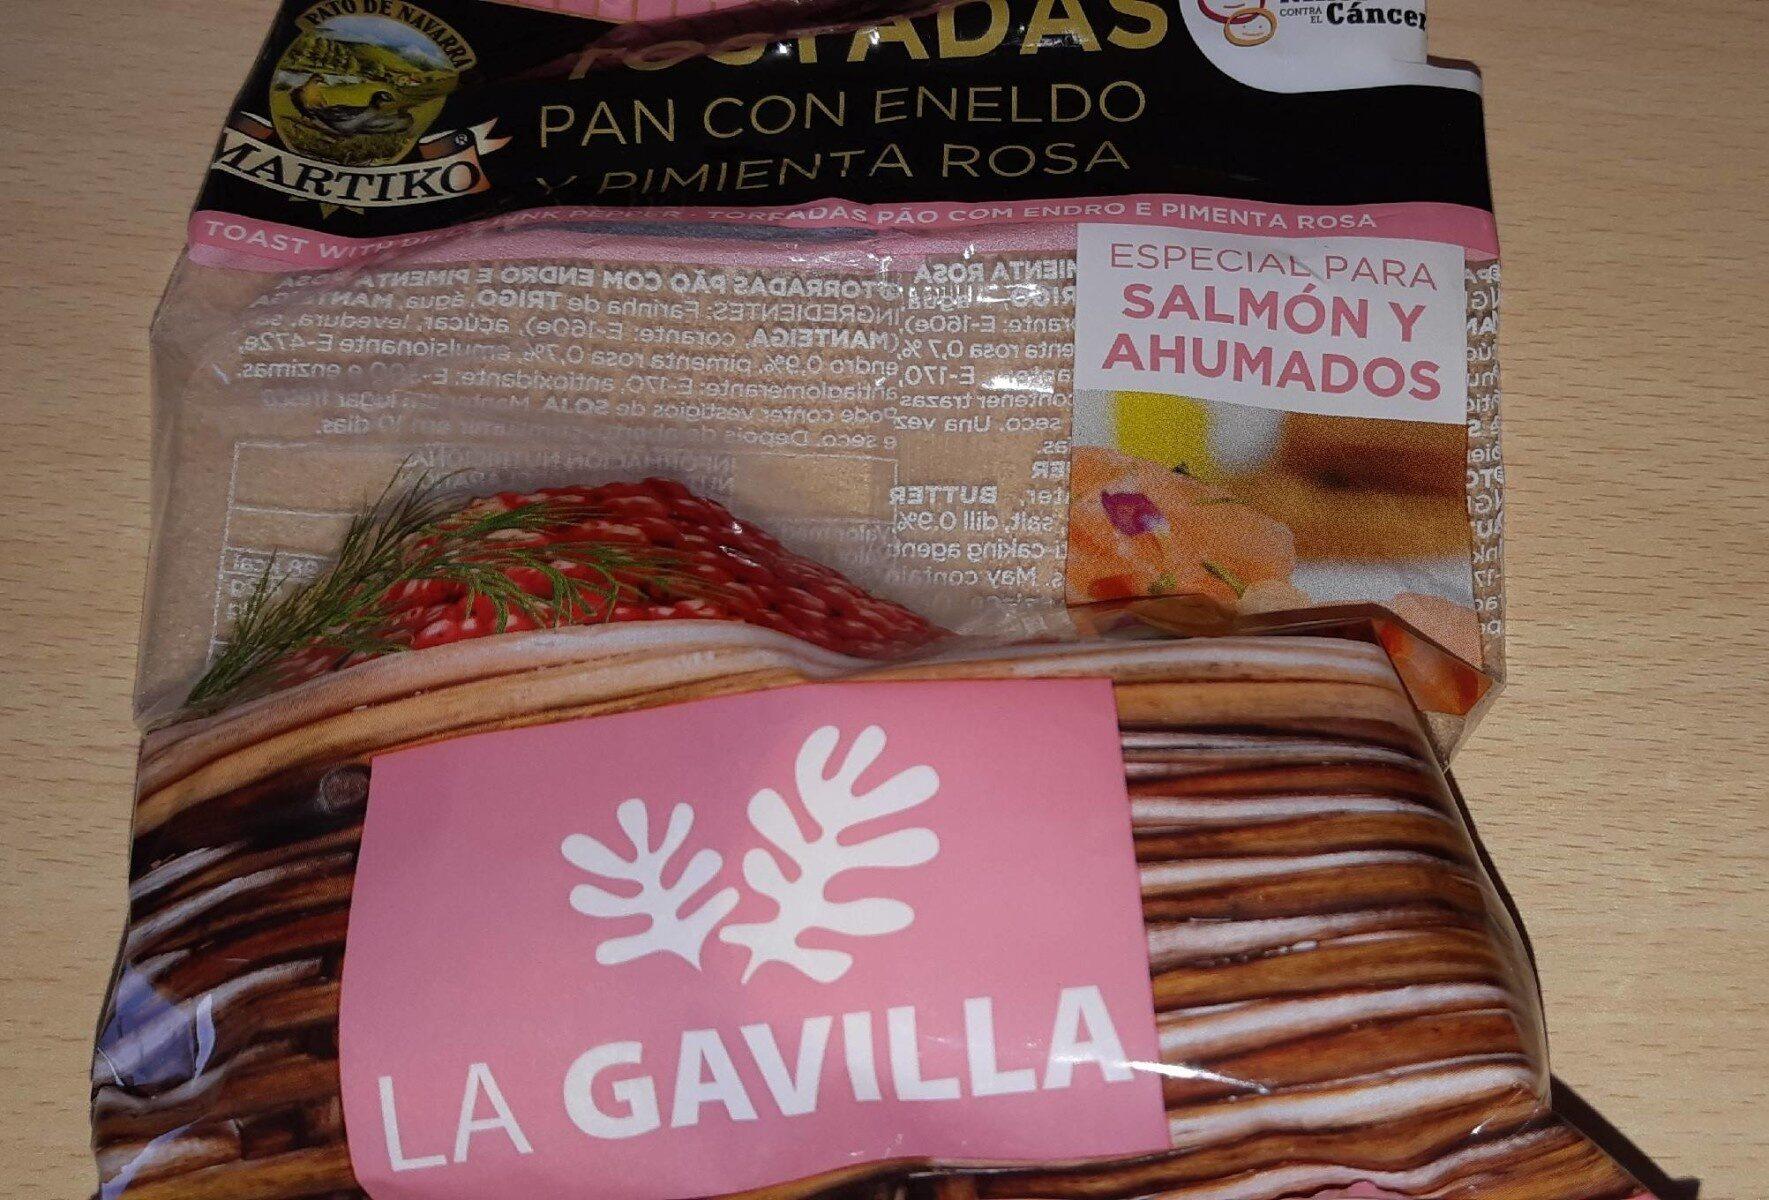 Tostadas pan con eneldo y pimienta rosa - Product